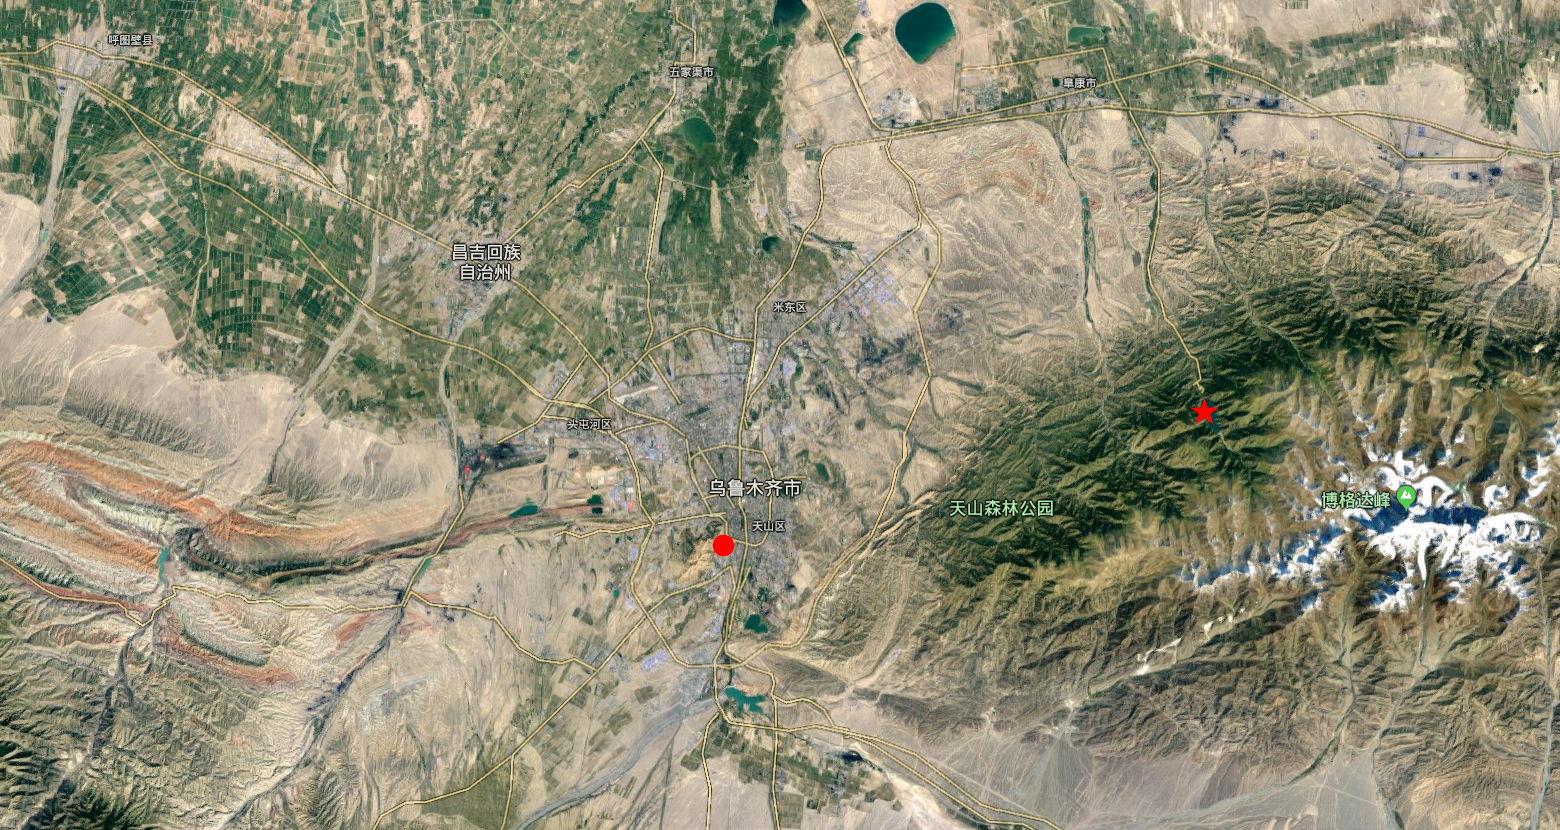 ユーラシア大陸鉄道横断旅行 Go West!1996その22・天池周辺の地図-2201